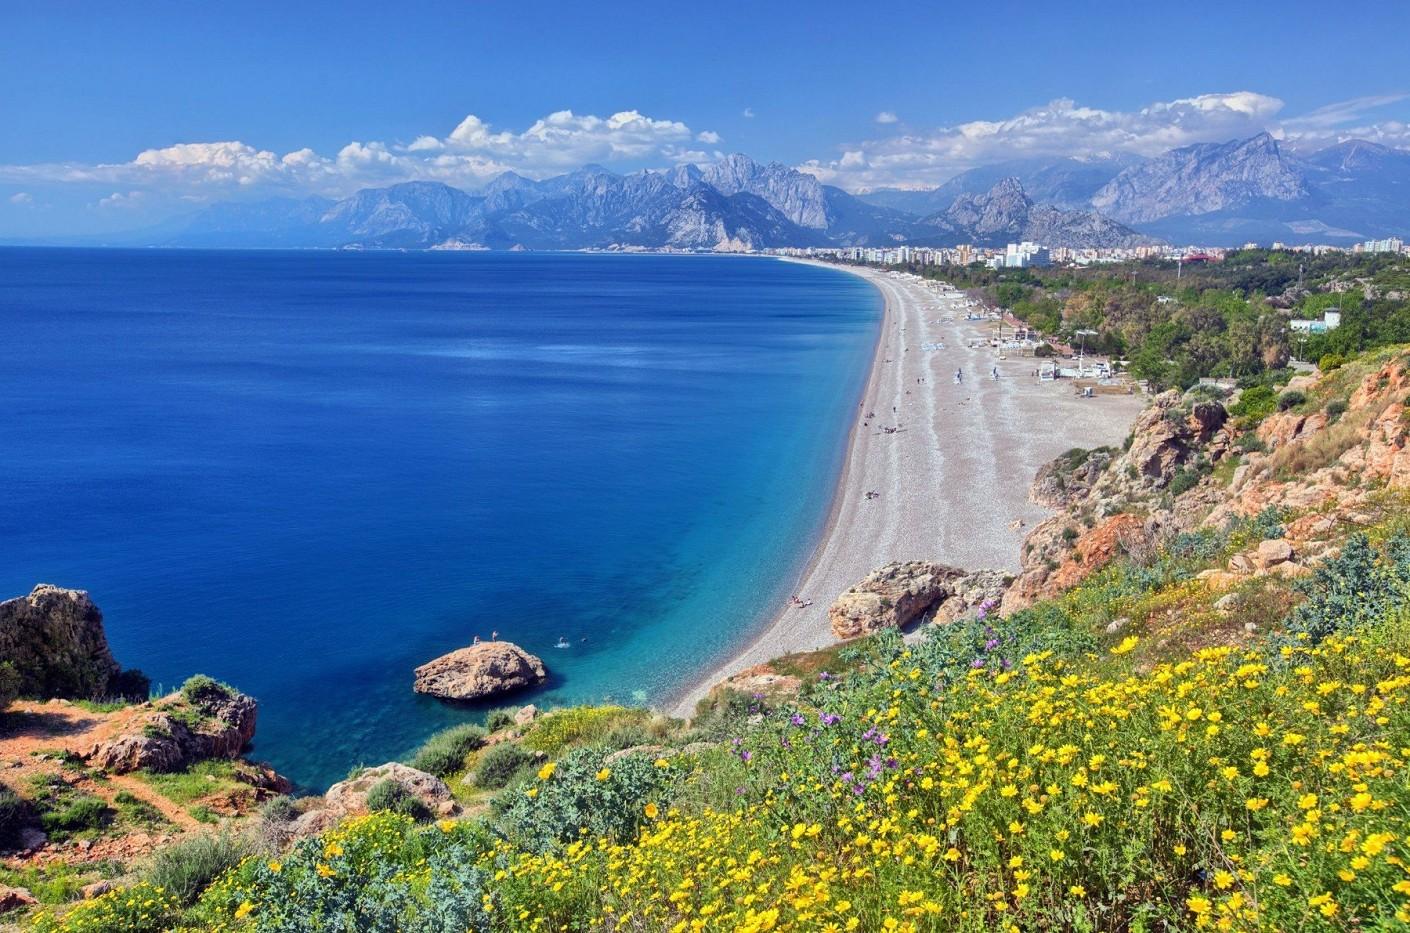 Ką verta žinoti prieš vykstant į Antalijos regioną?